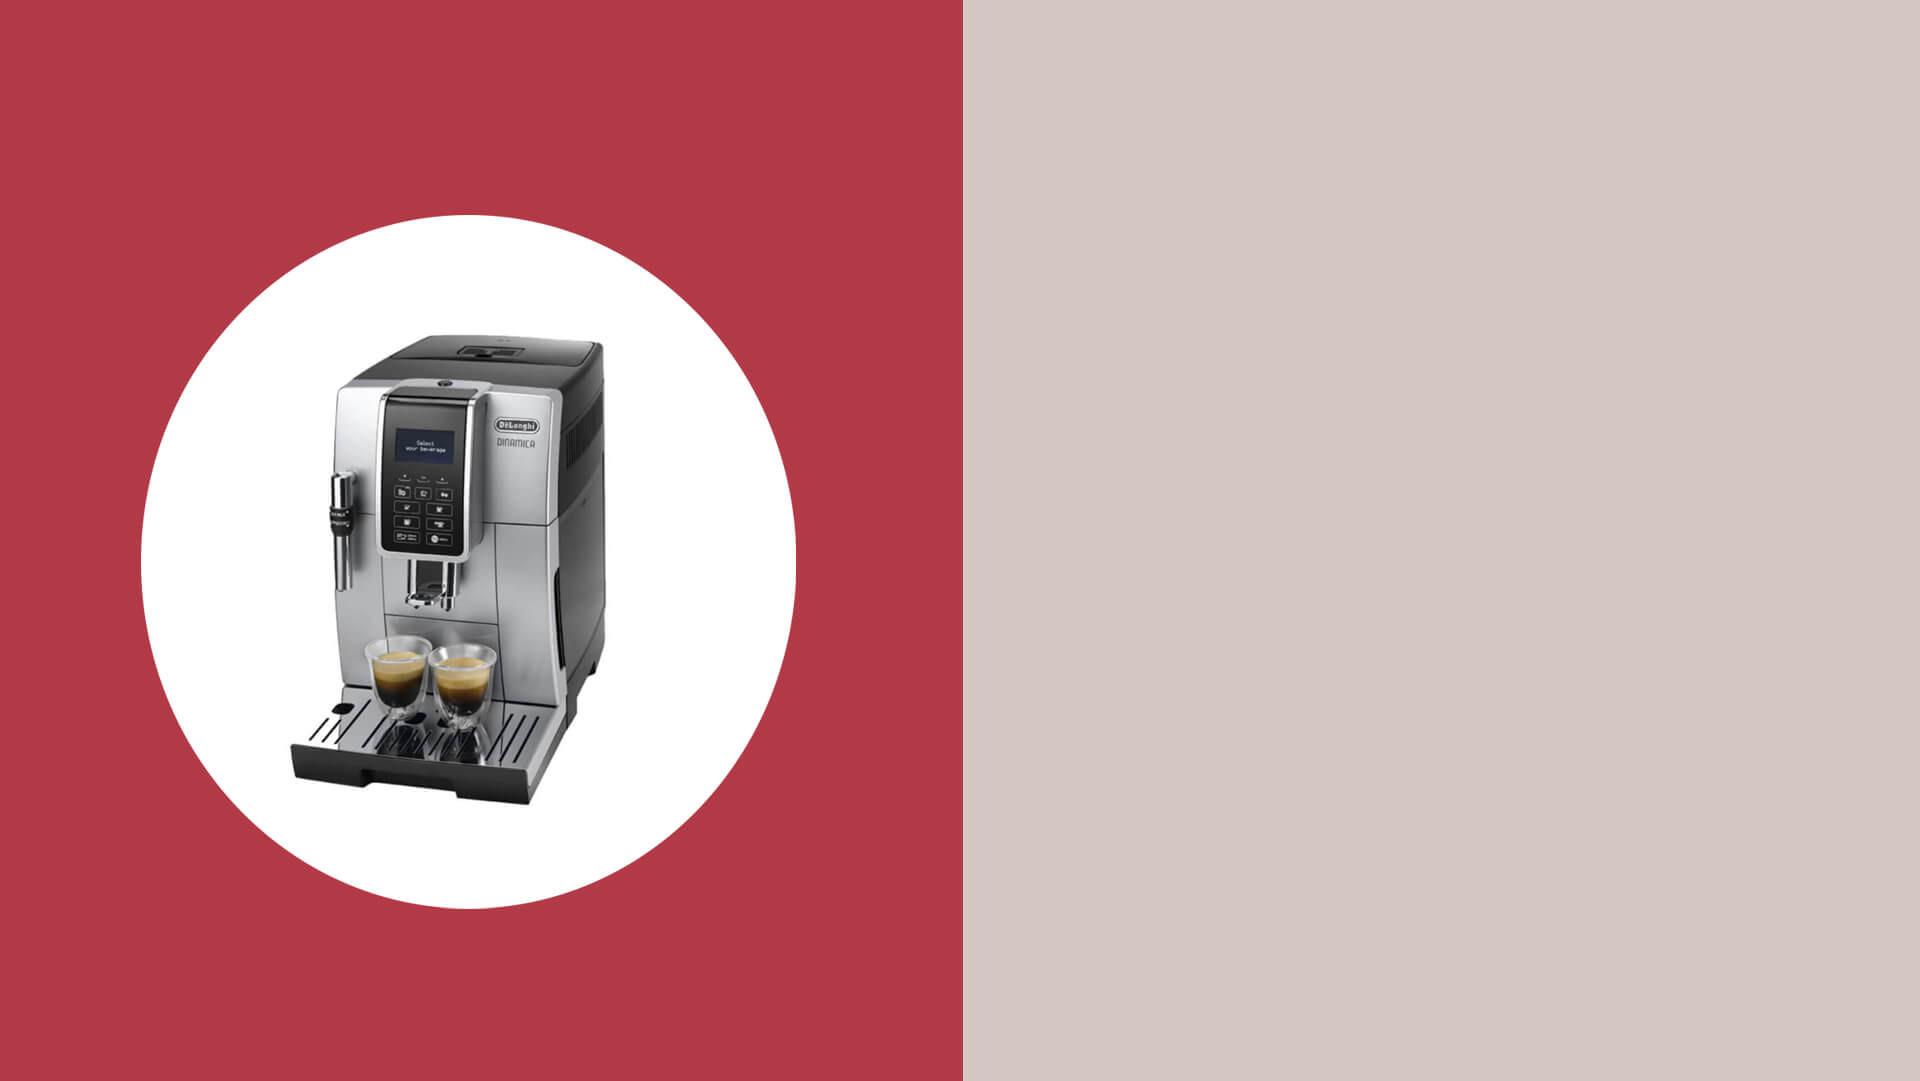 Café Toqué, distributeur des machines De Longhi